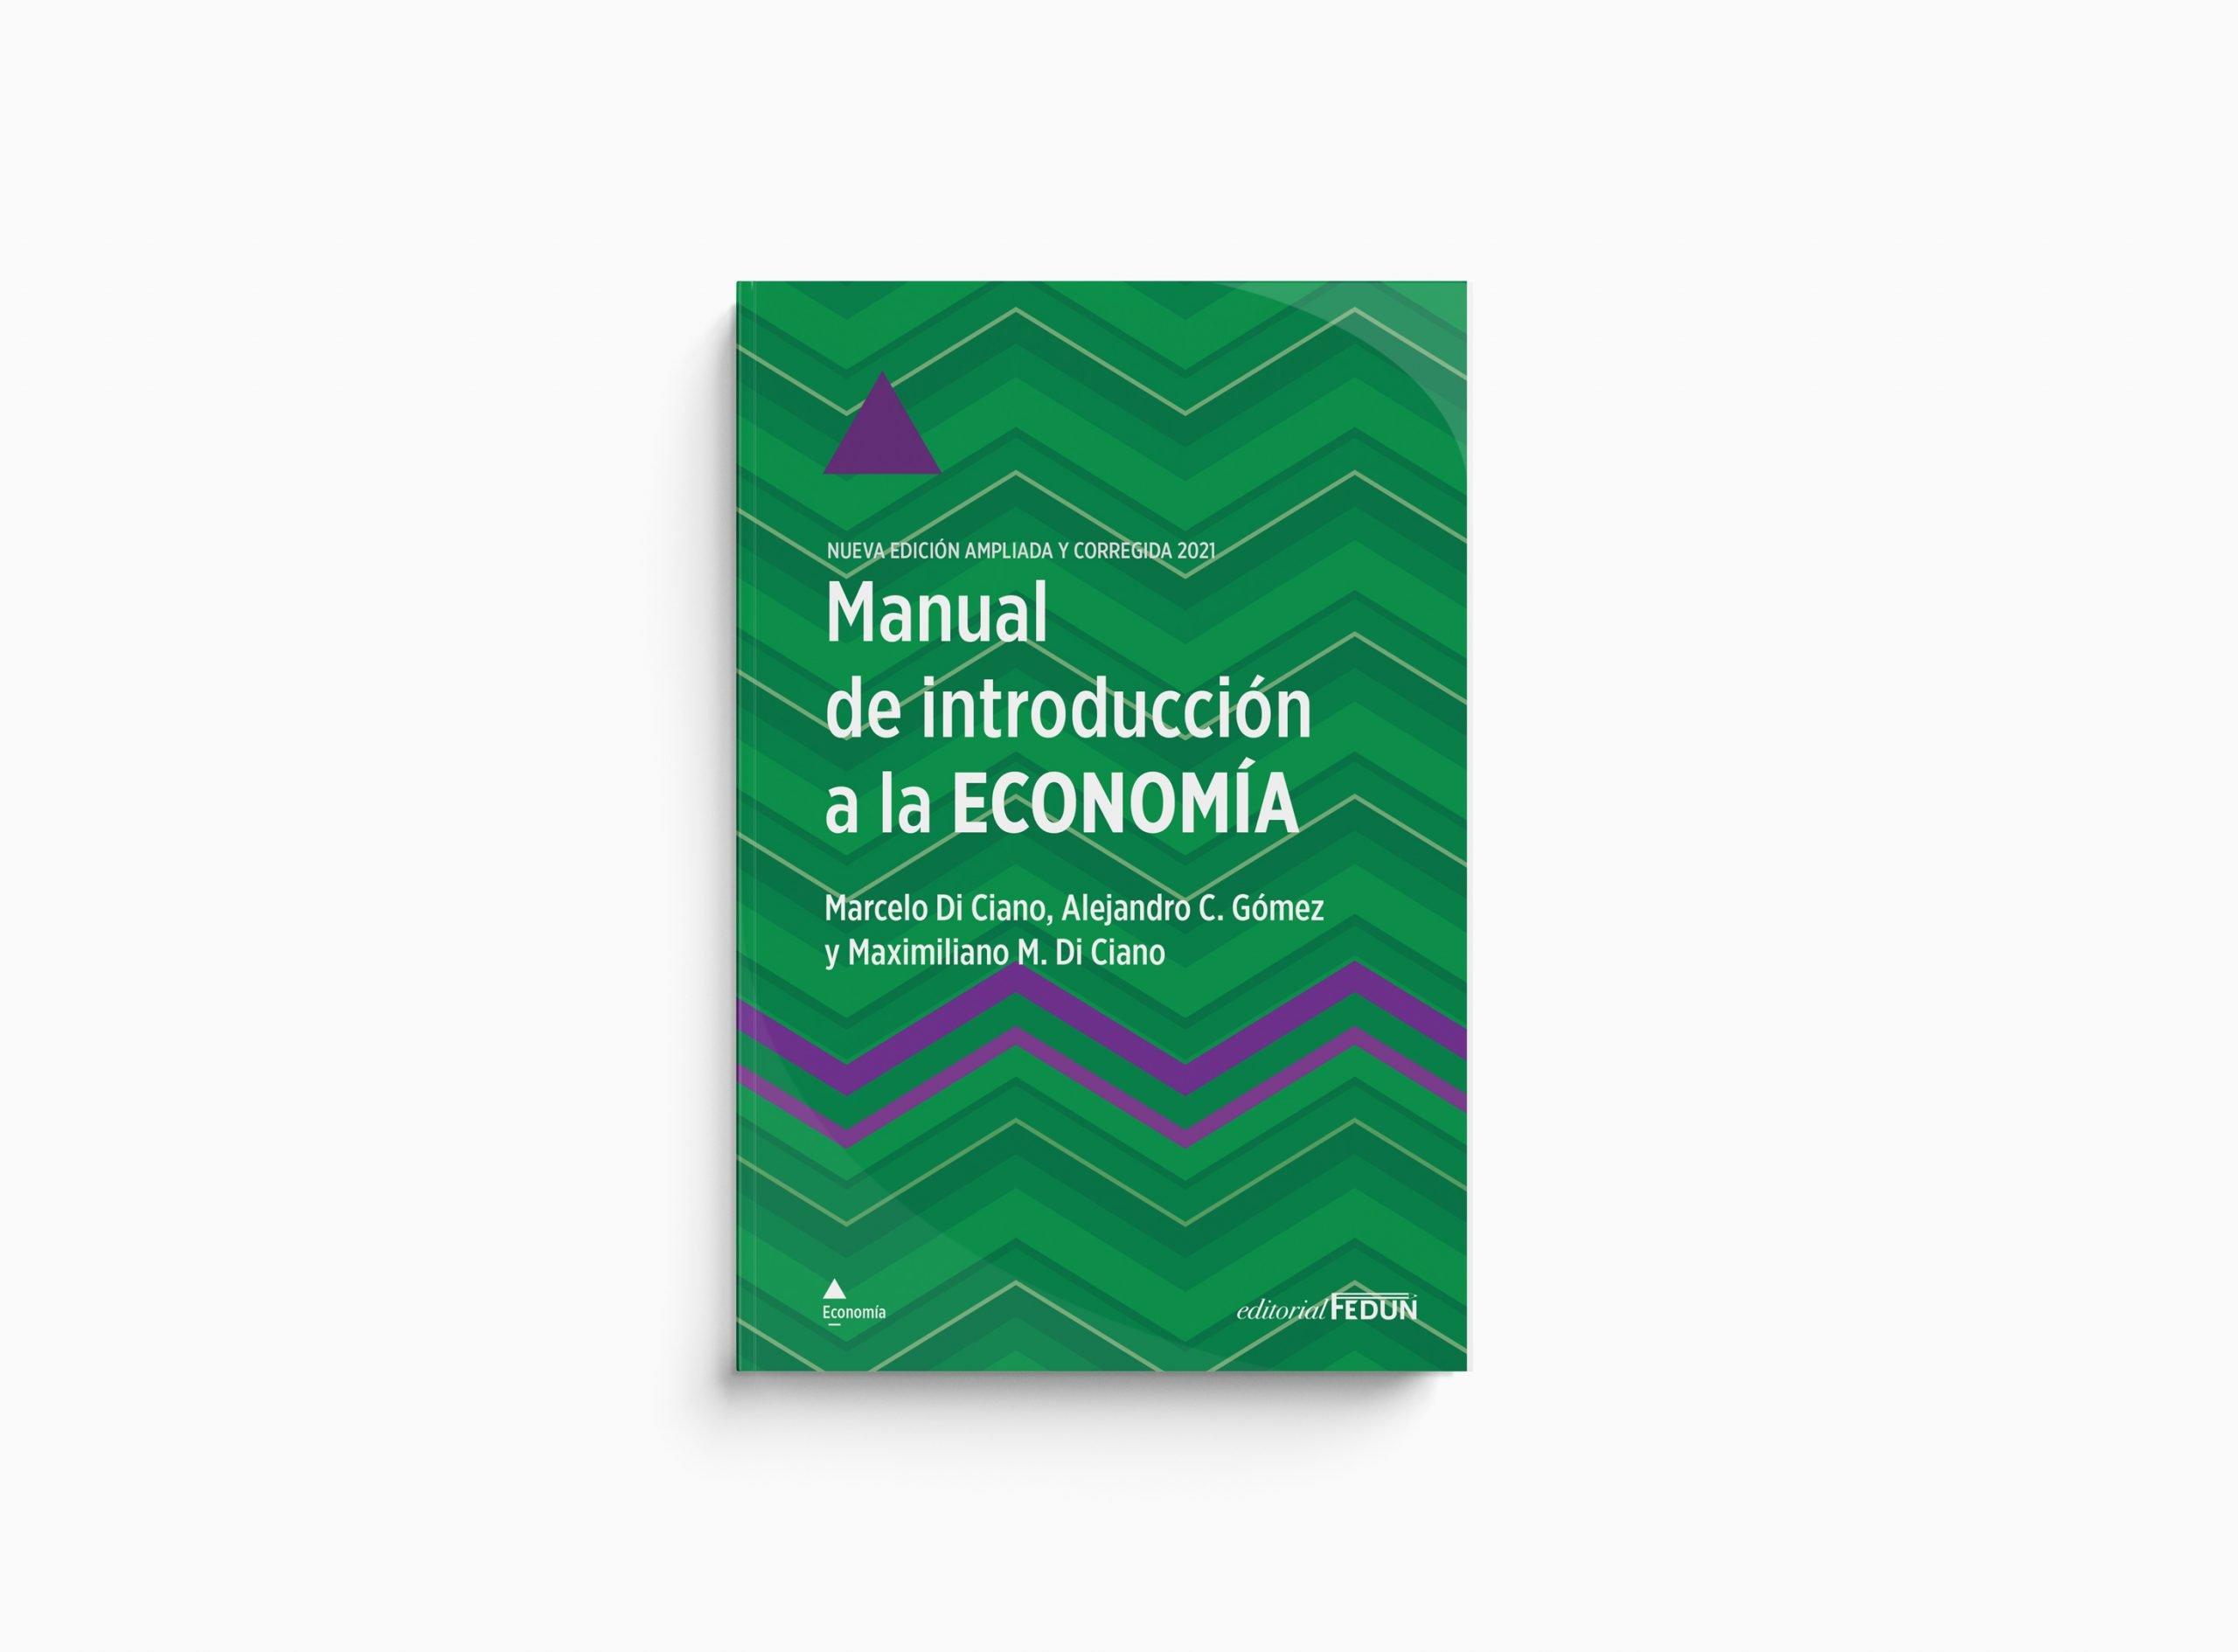 Manual de introducción a la economía